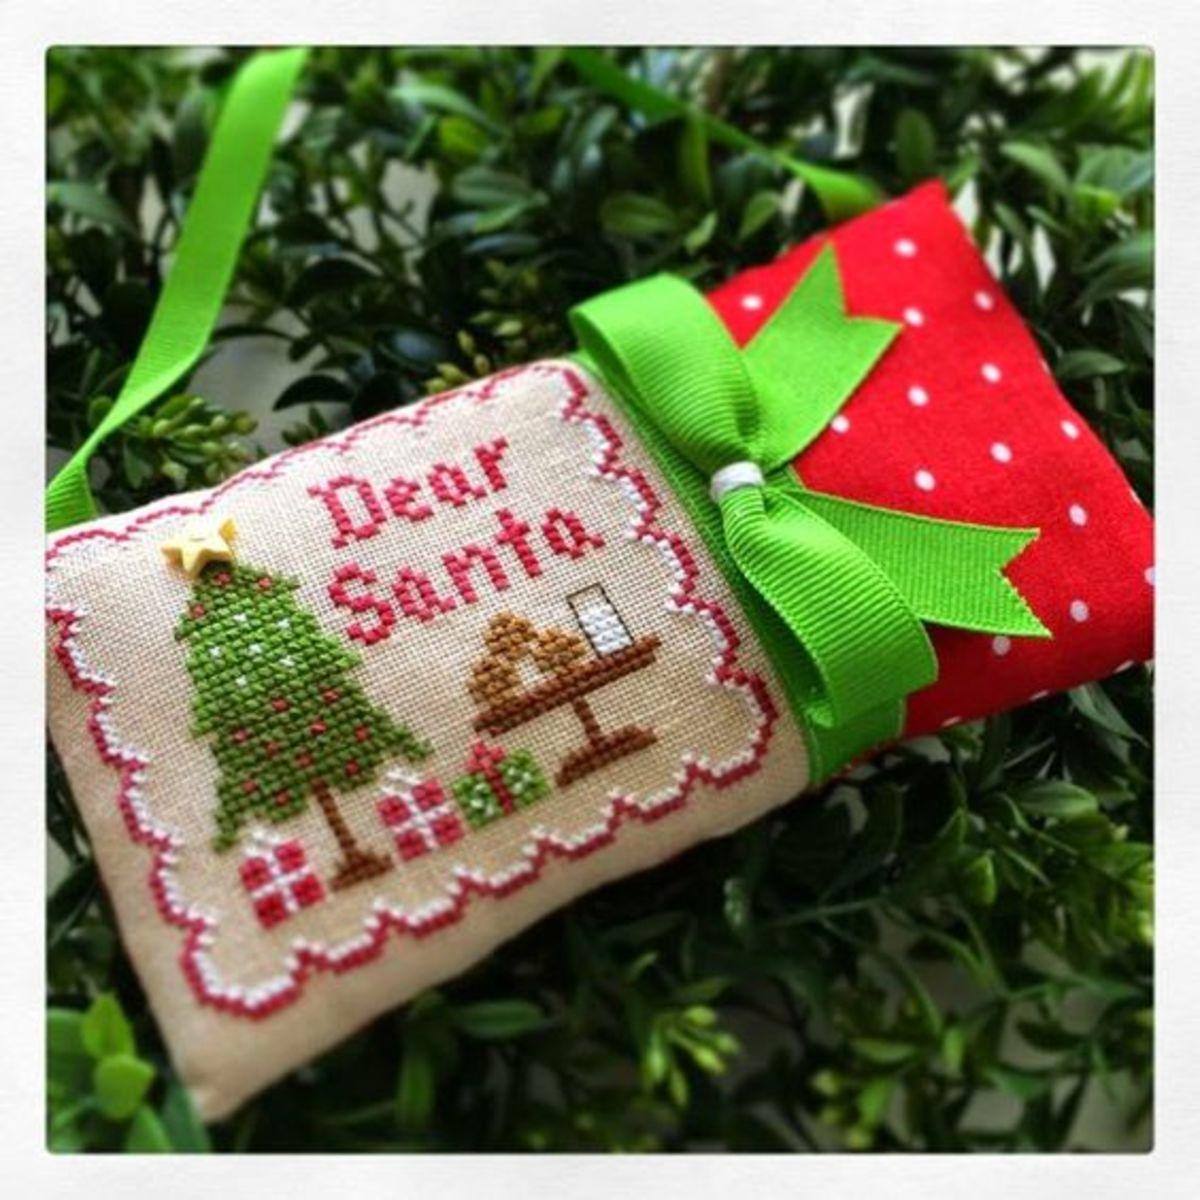 Dear Santa: Bring Me a Twinkle Star - Part 3